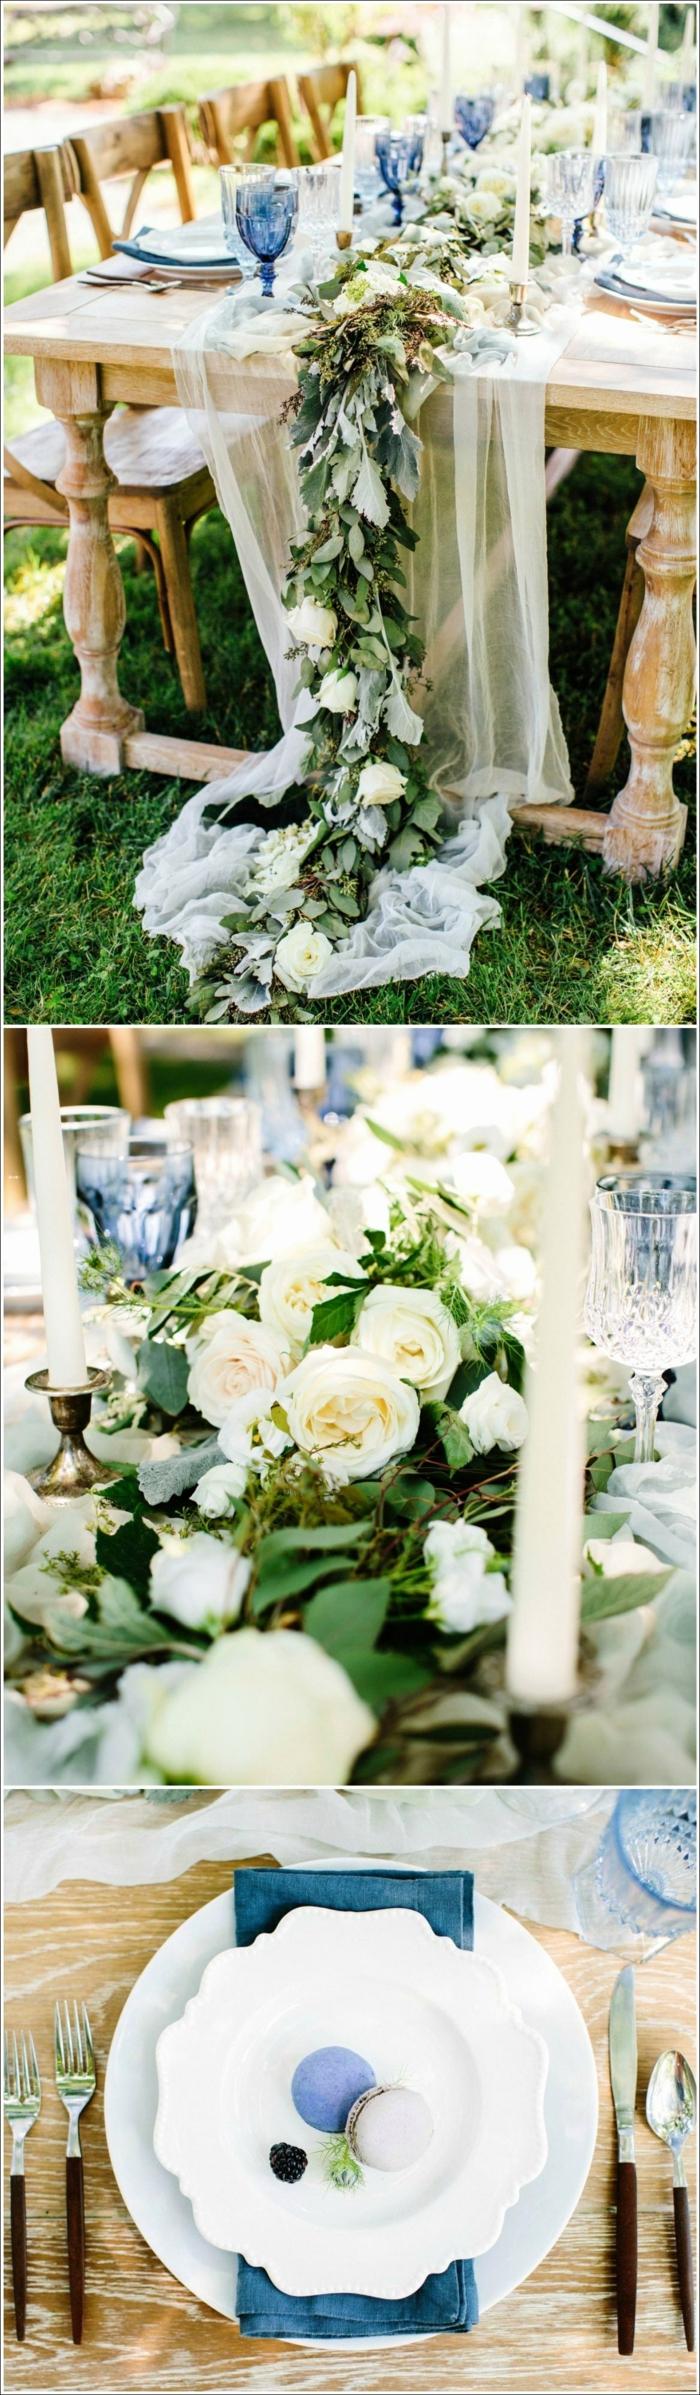 guirlande de roses comme centre de table pour mariage, chaises et table en bois, decoration table mariage guirlande de fleurs et feuillage